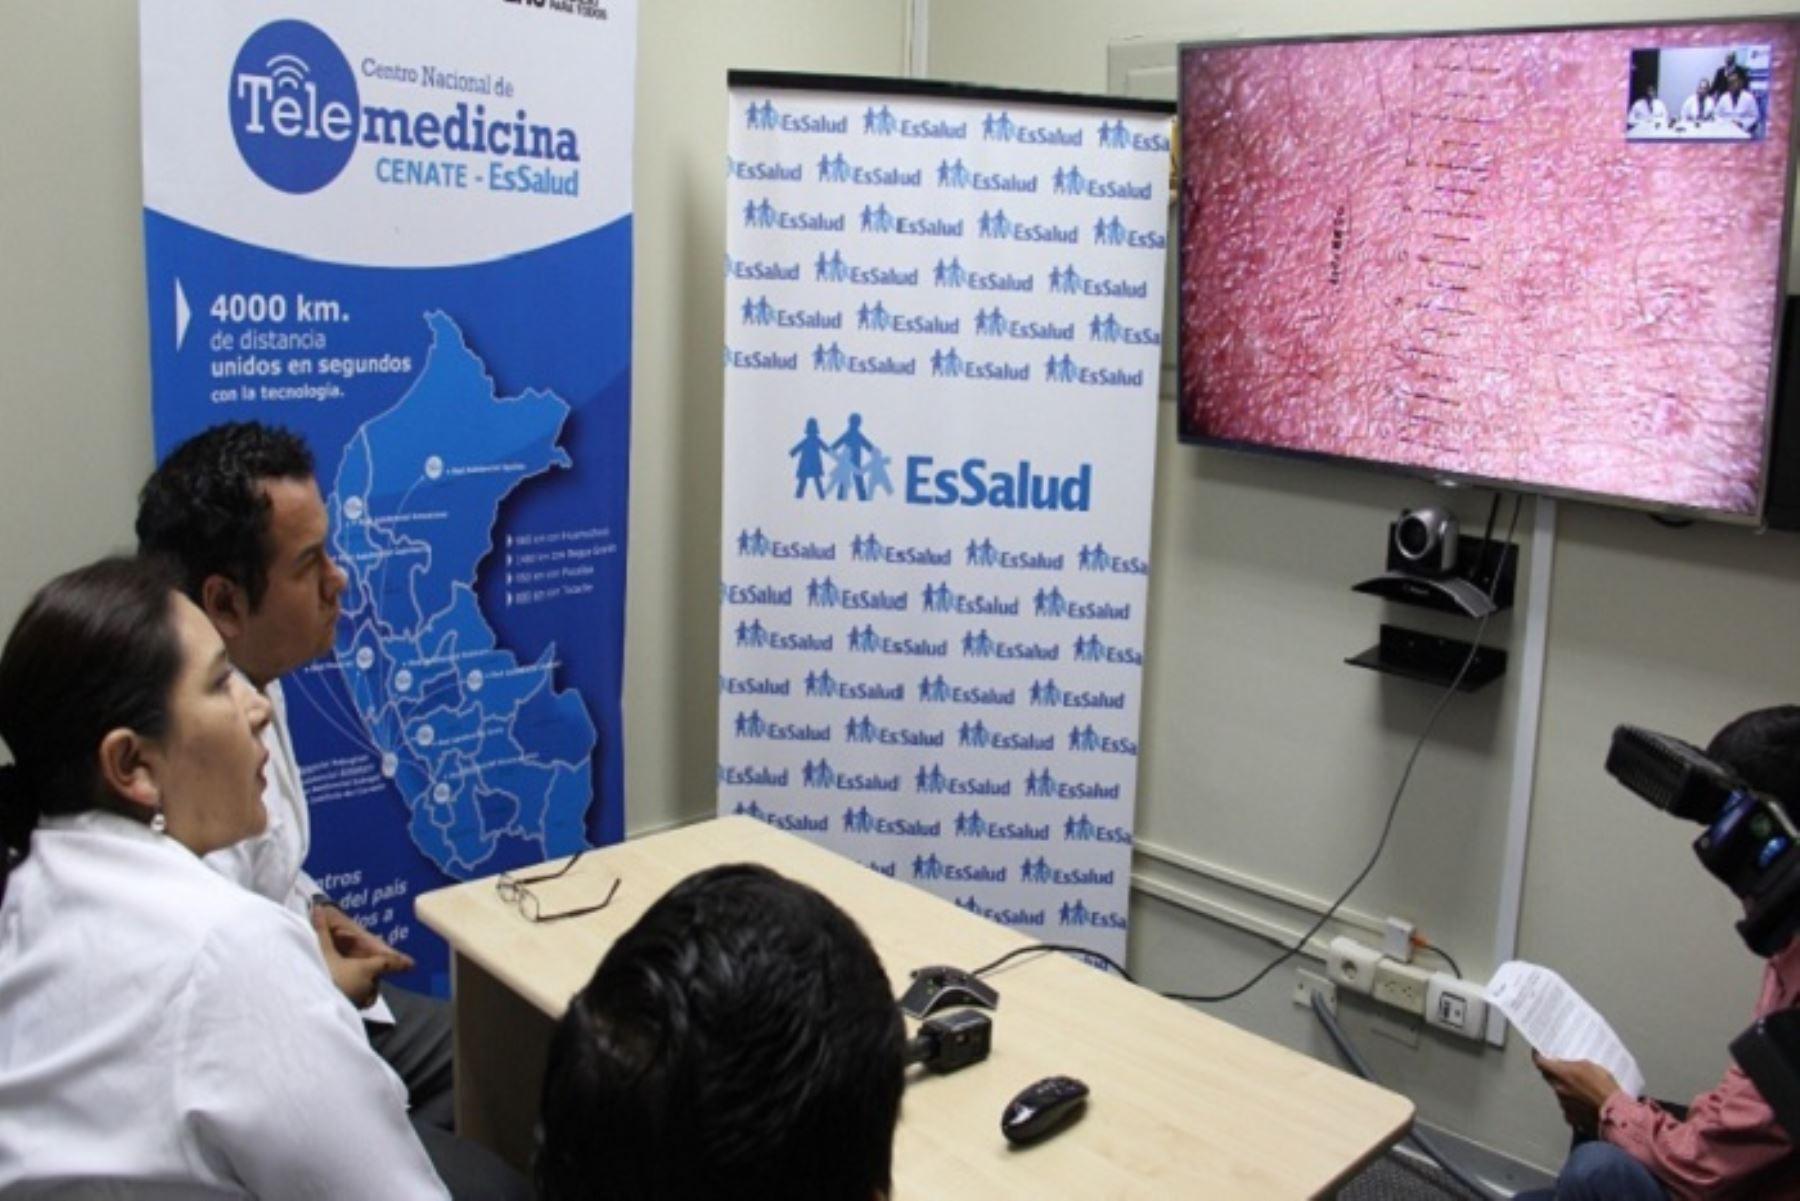 A la fecha, 14,756 pacientes de las zonas más alejadas del país se han beneficiado con el sistema de Telemedicina que EsSalud implementó a nivel nacional para brindar, en tiempo real, atención médica, en distintas especialidades.